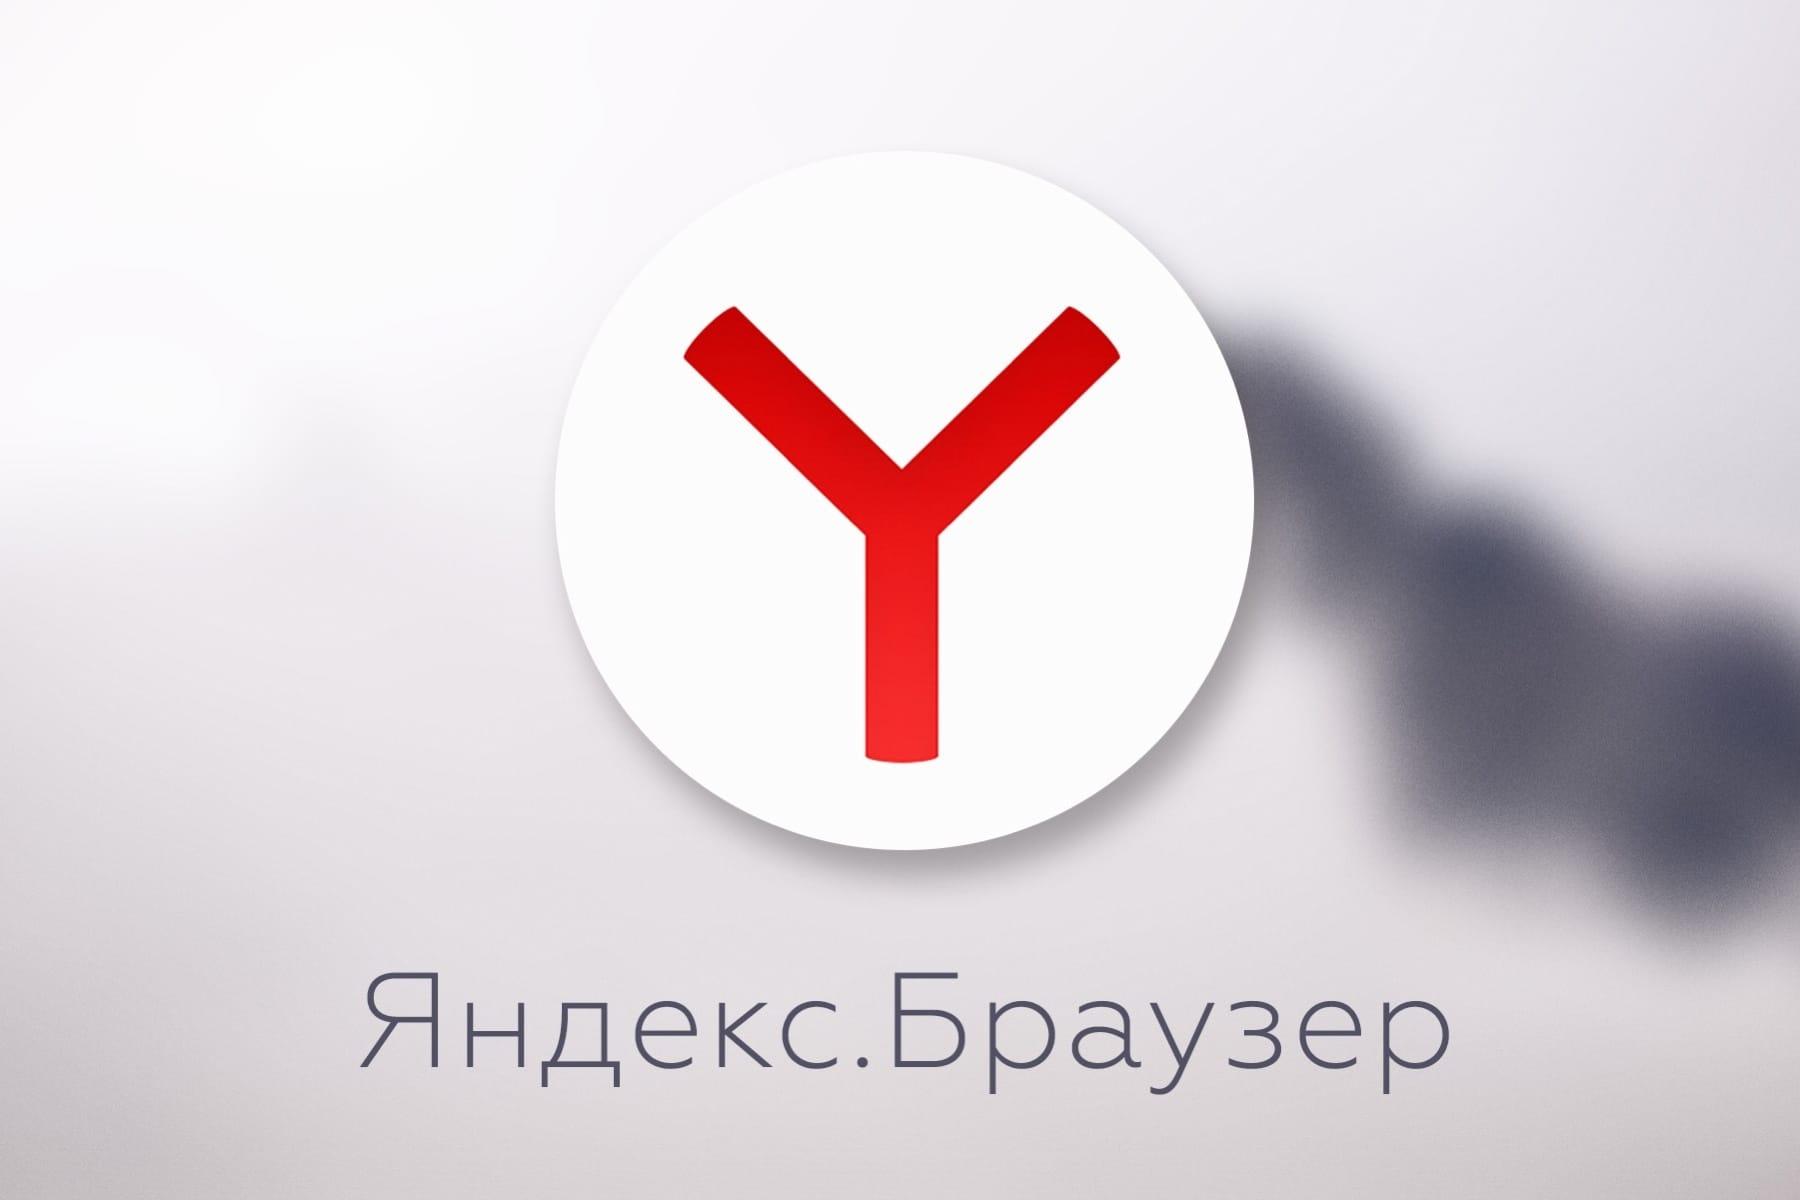 Яндекс добавил в собственный браузер самую важную вмире функцию